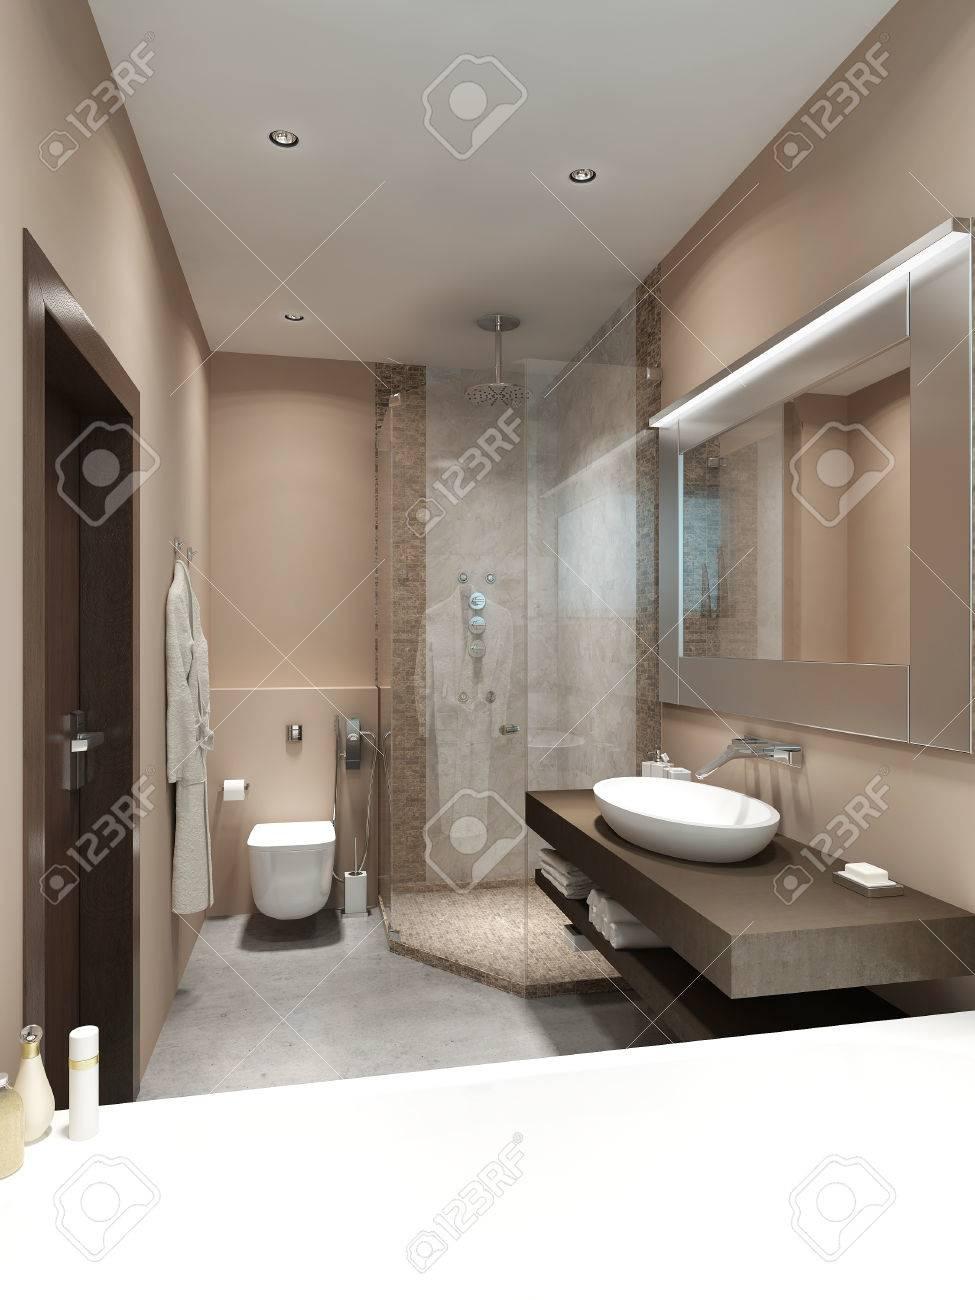 ideas de baño marrón y crema Diseo En Los Baos De Estilo Contemporneo Con Azulejos De La Ducha Y Mosaico En Las Paredes Marrn Y Beige Render 3D